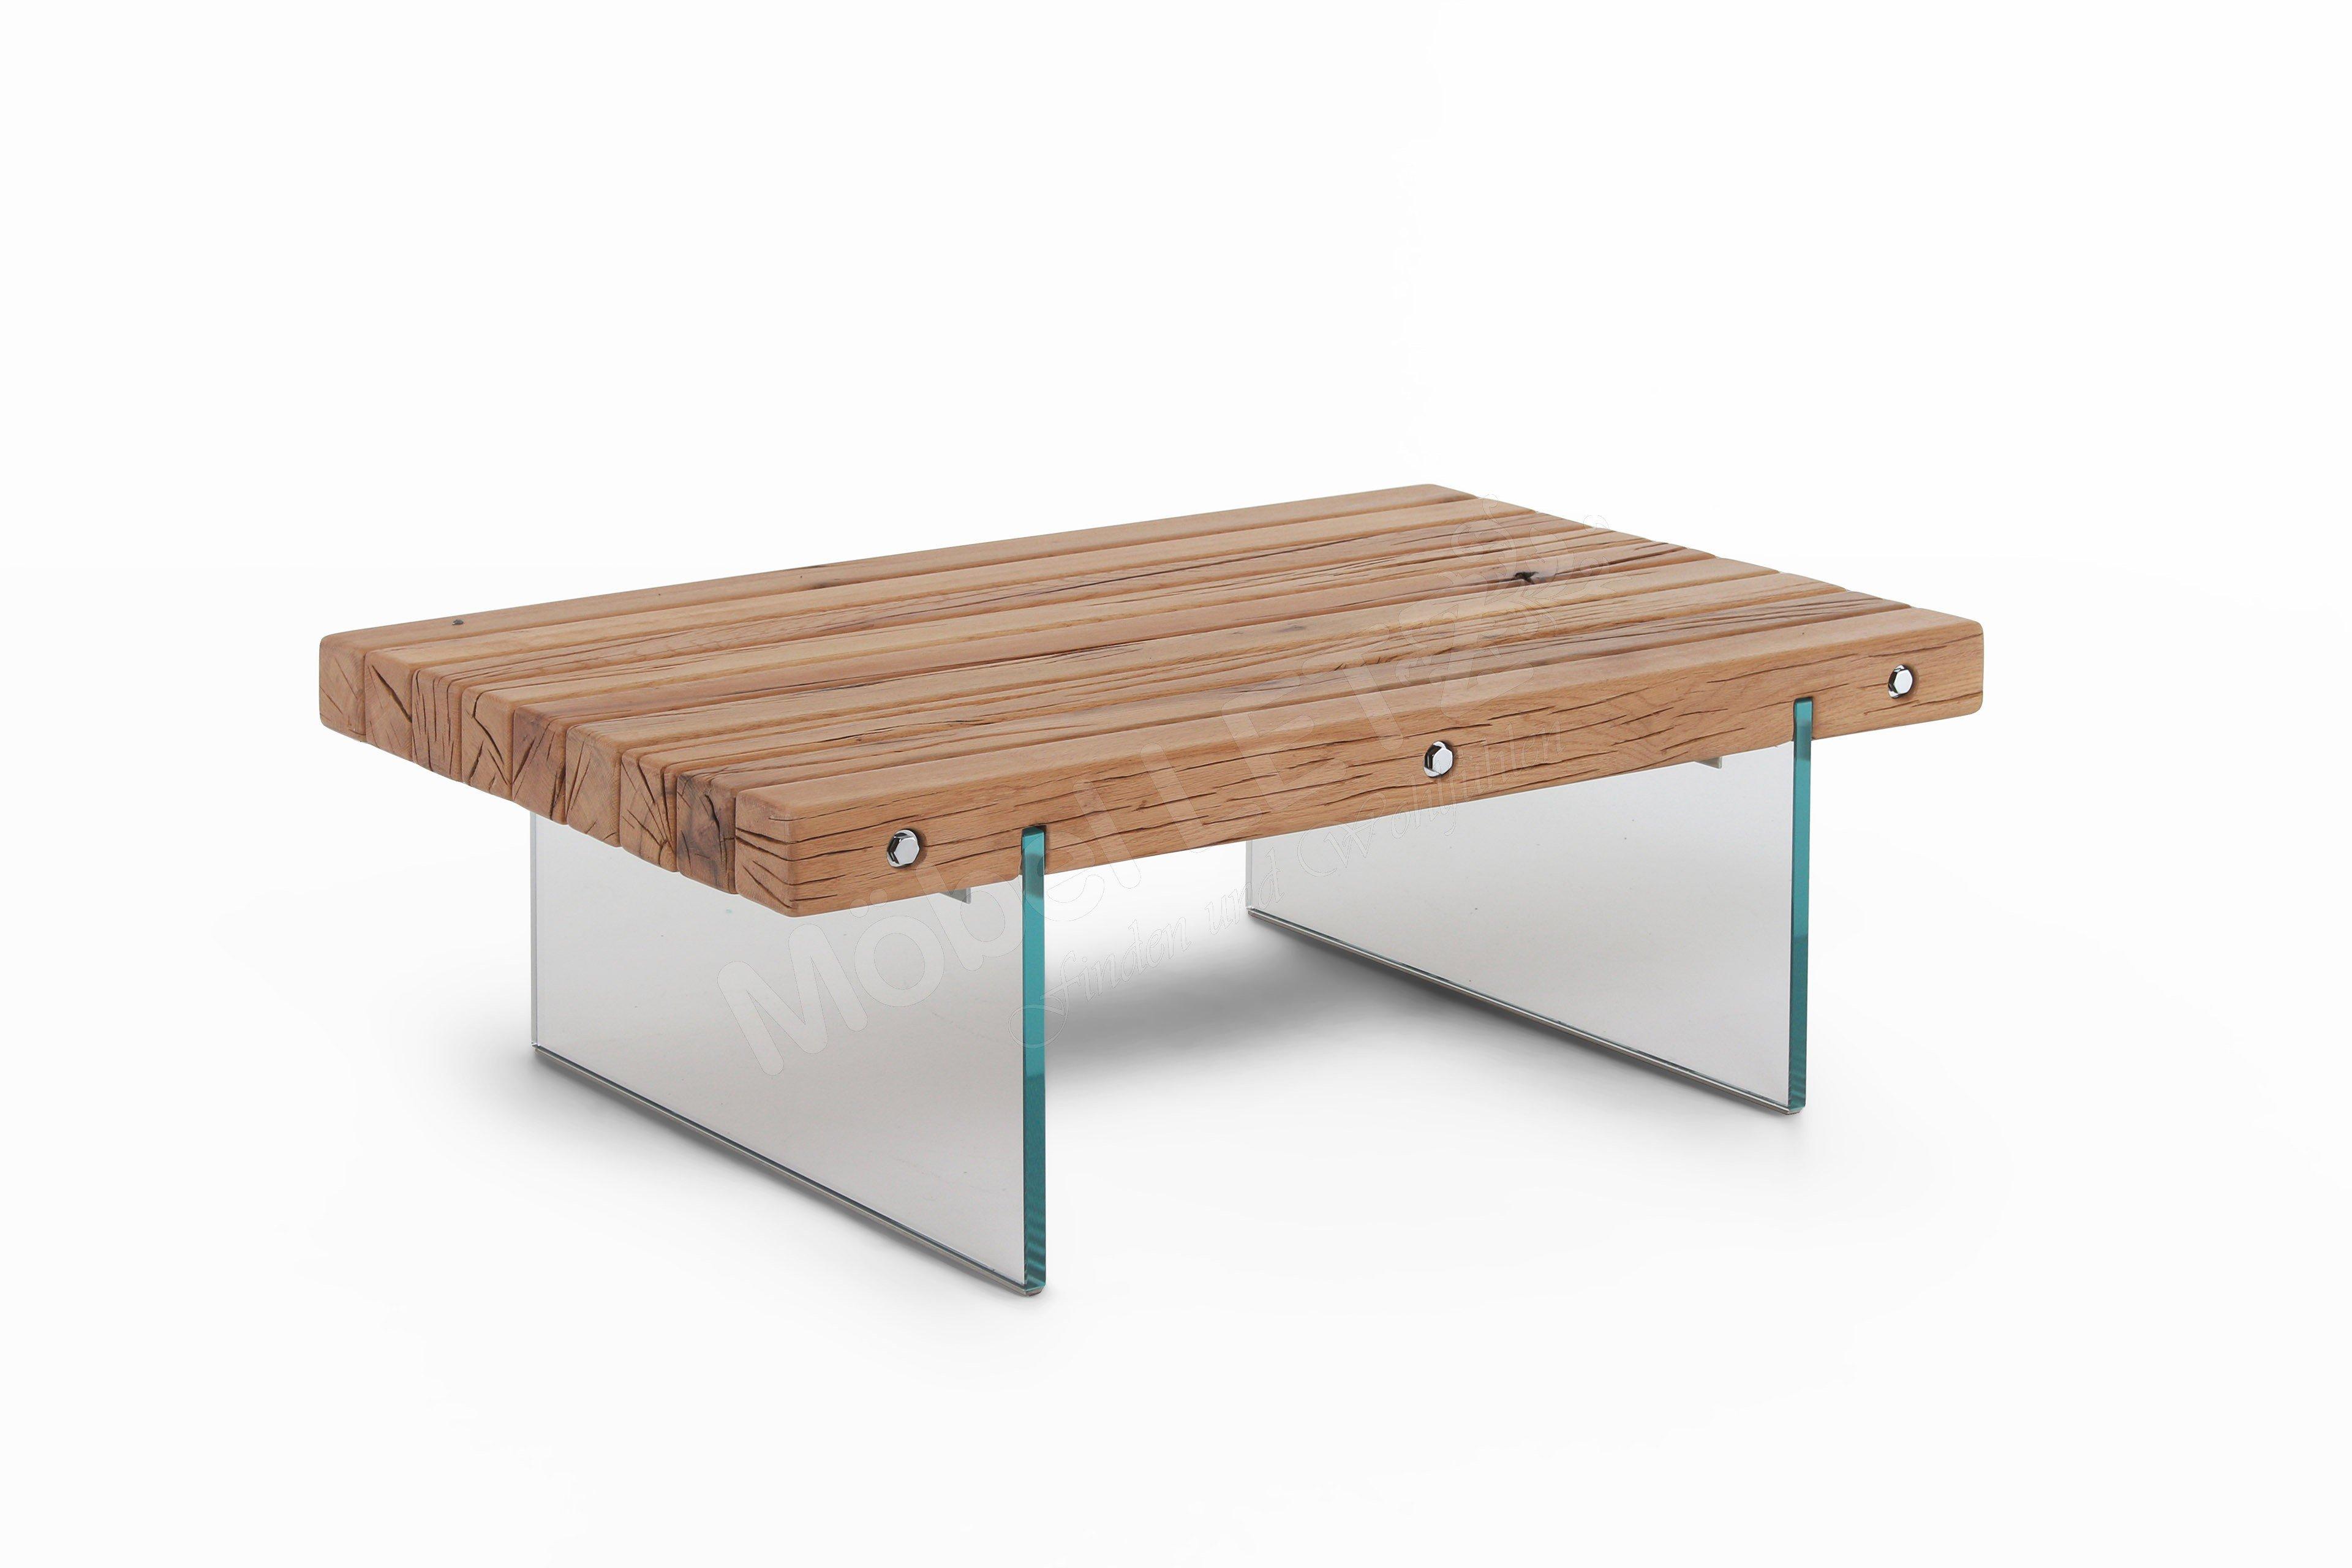 couchtisch in sumpfeiche 0909 von himolla m bel letz ihr online m bel shop. Black Bedroom Furniture Sets. Home Design Ideas